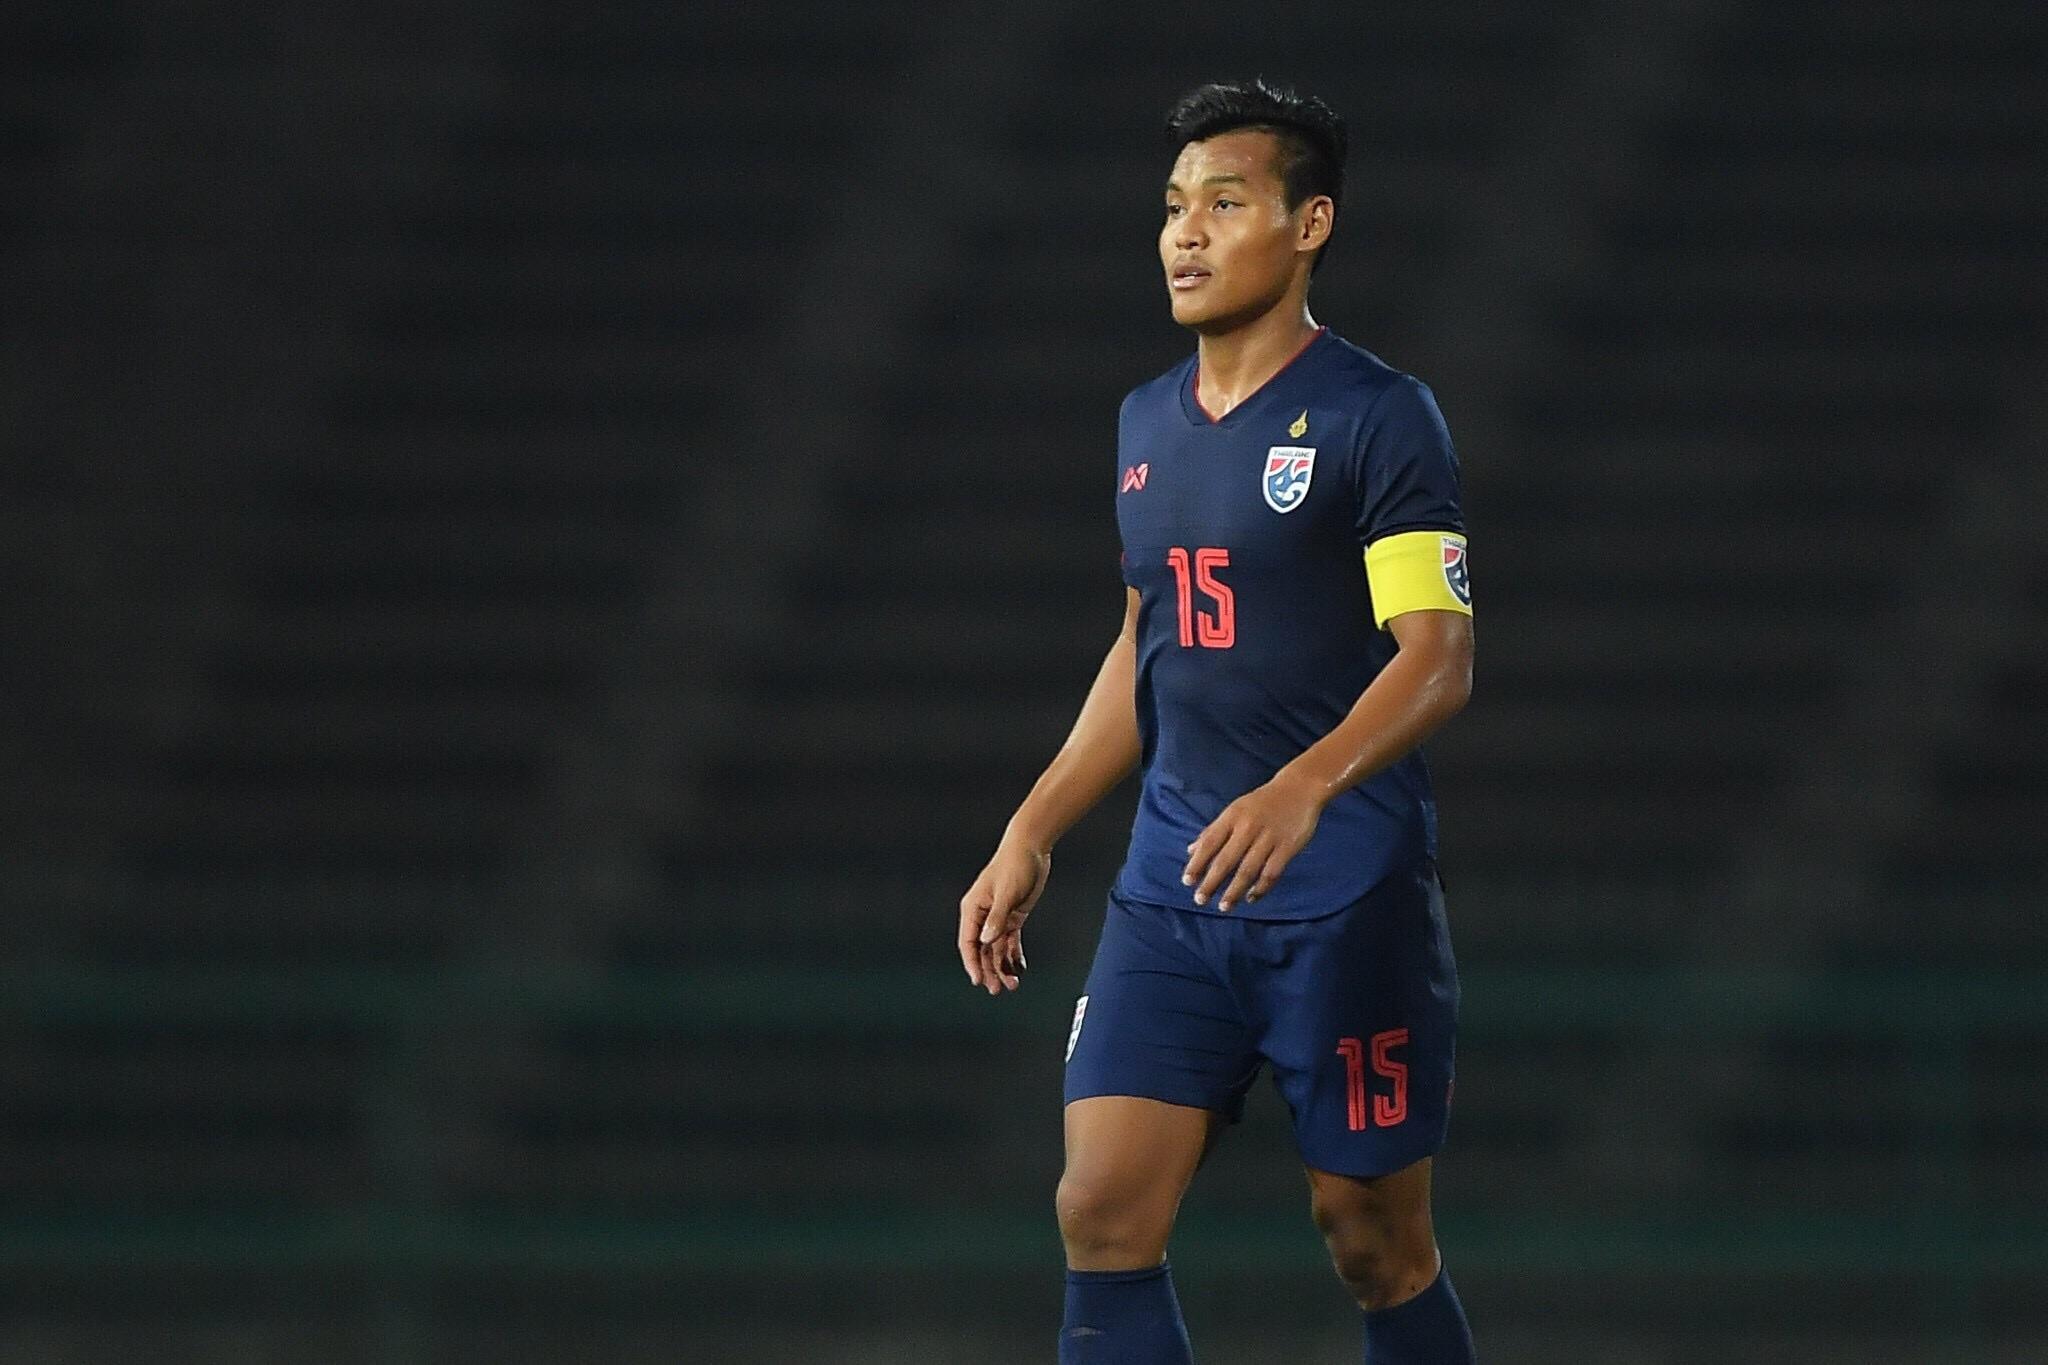 ทีมชาติอินโดนีเซีย U22 ทีมชาติไทย U22 ศฤงคาร พรมสุภะ